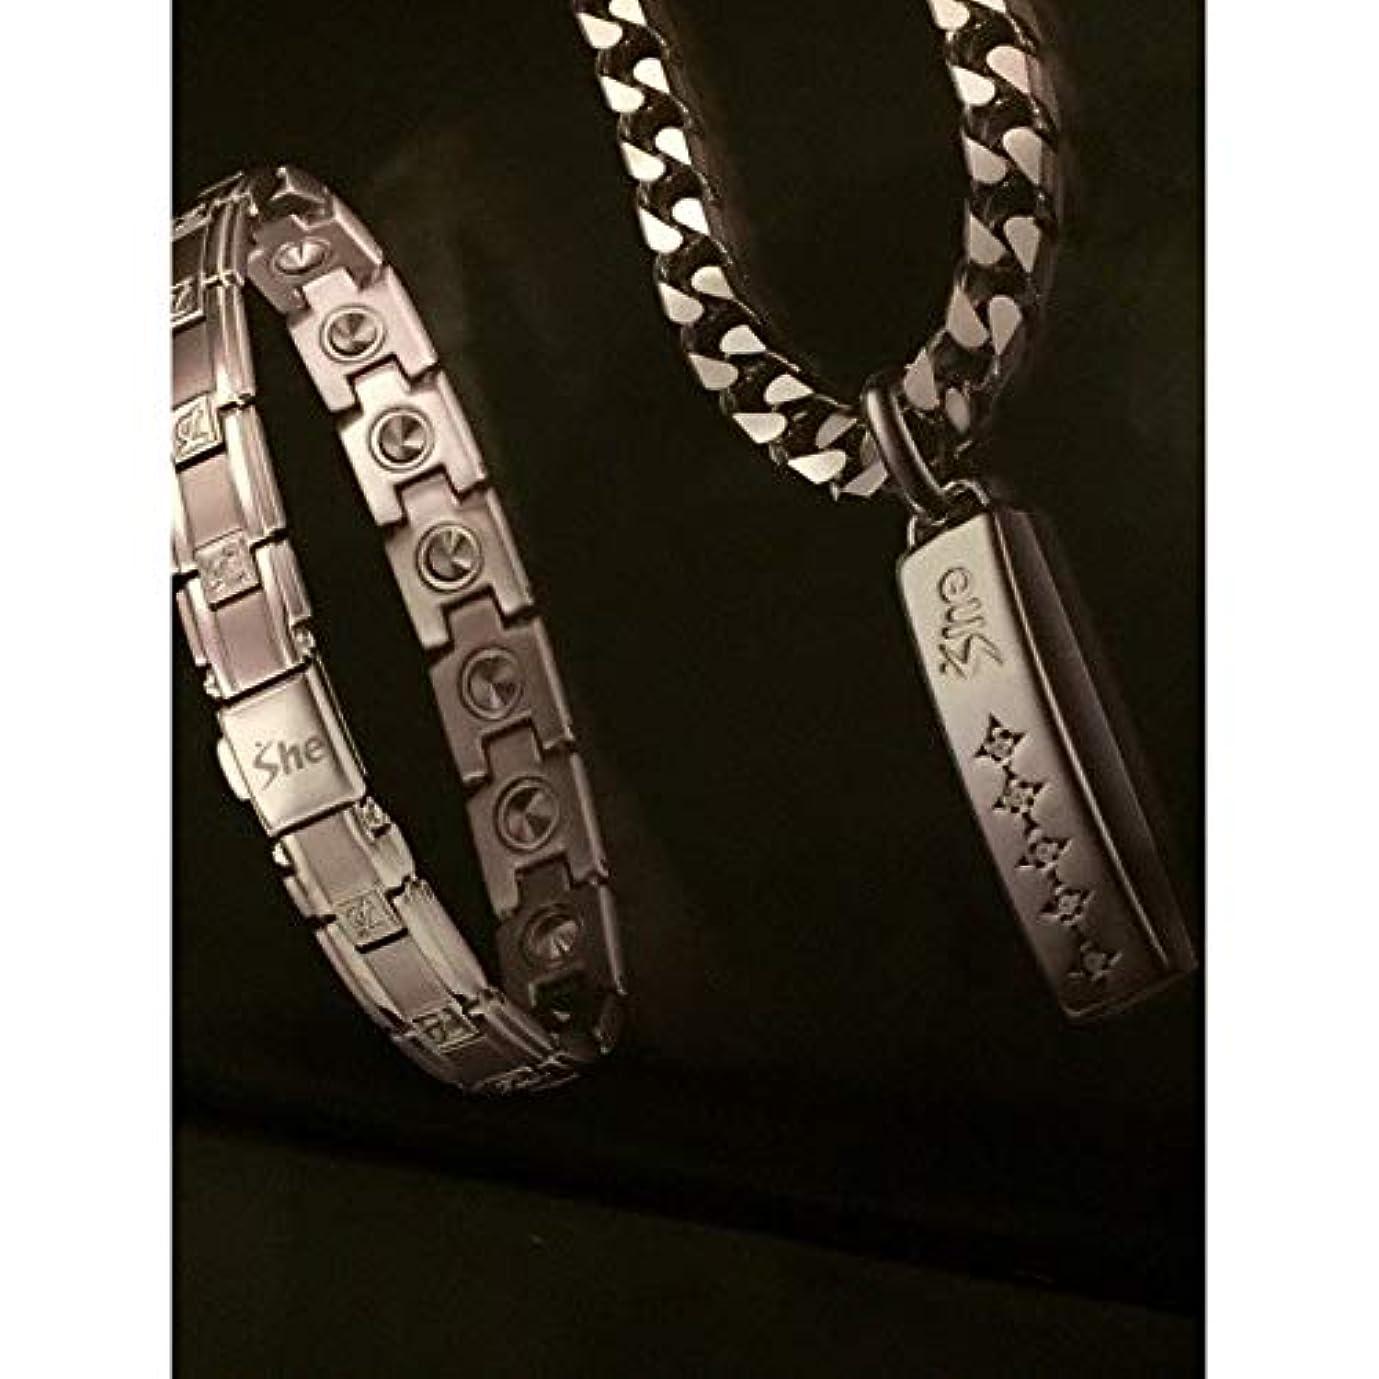 羊制裁ハンカチレダシルマ She1000 ネックレス&スーパーブレスレット 限定セット プチシルマのジュエリーコレクション Leda